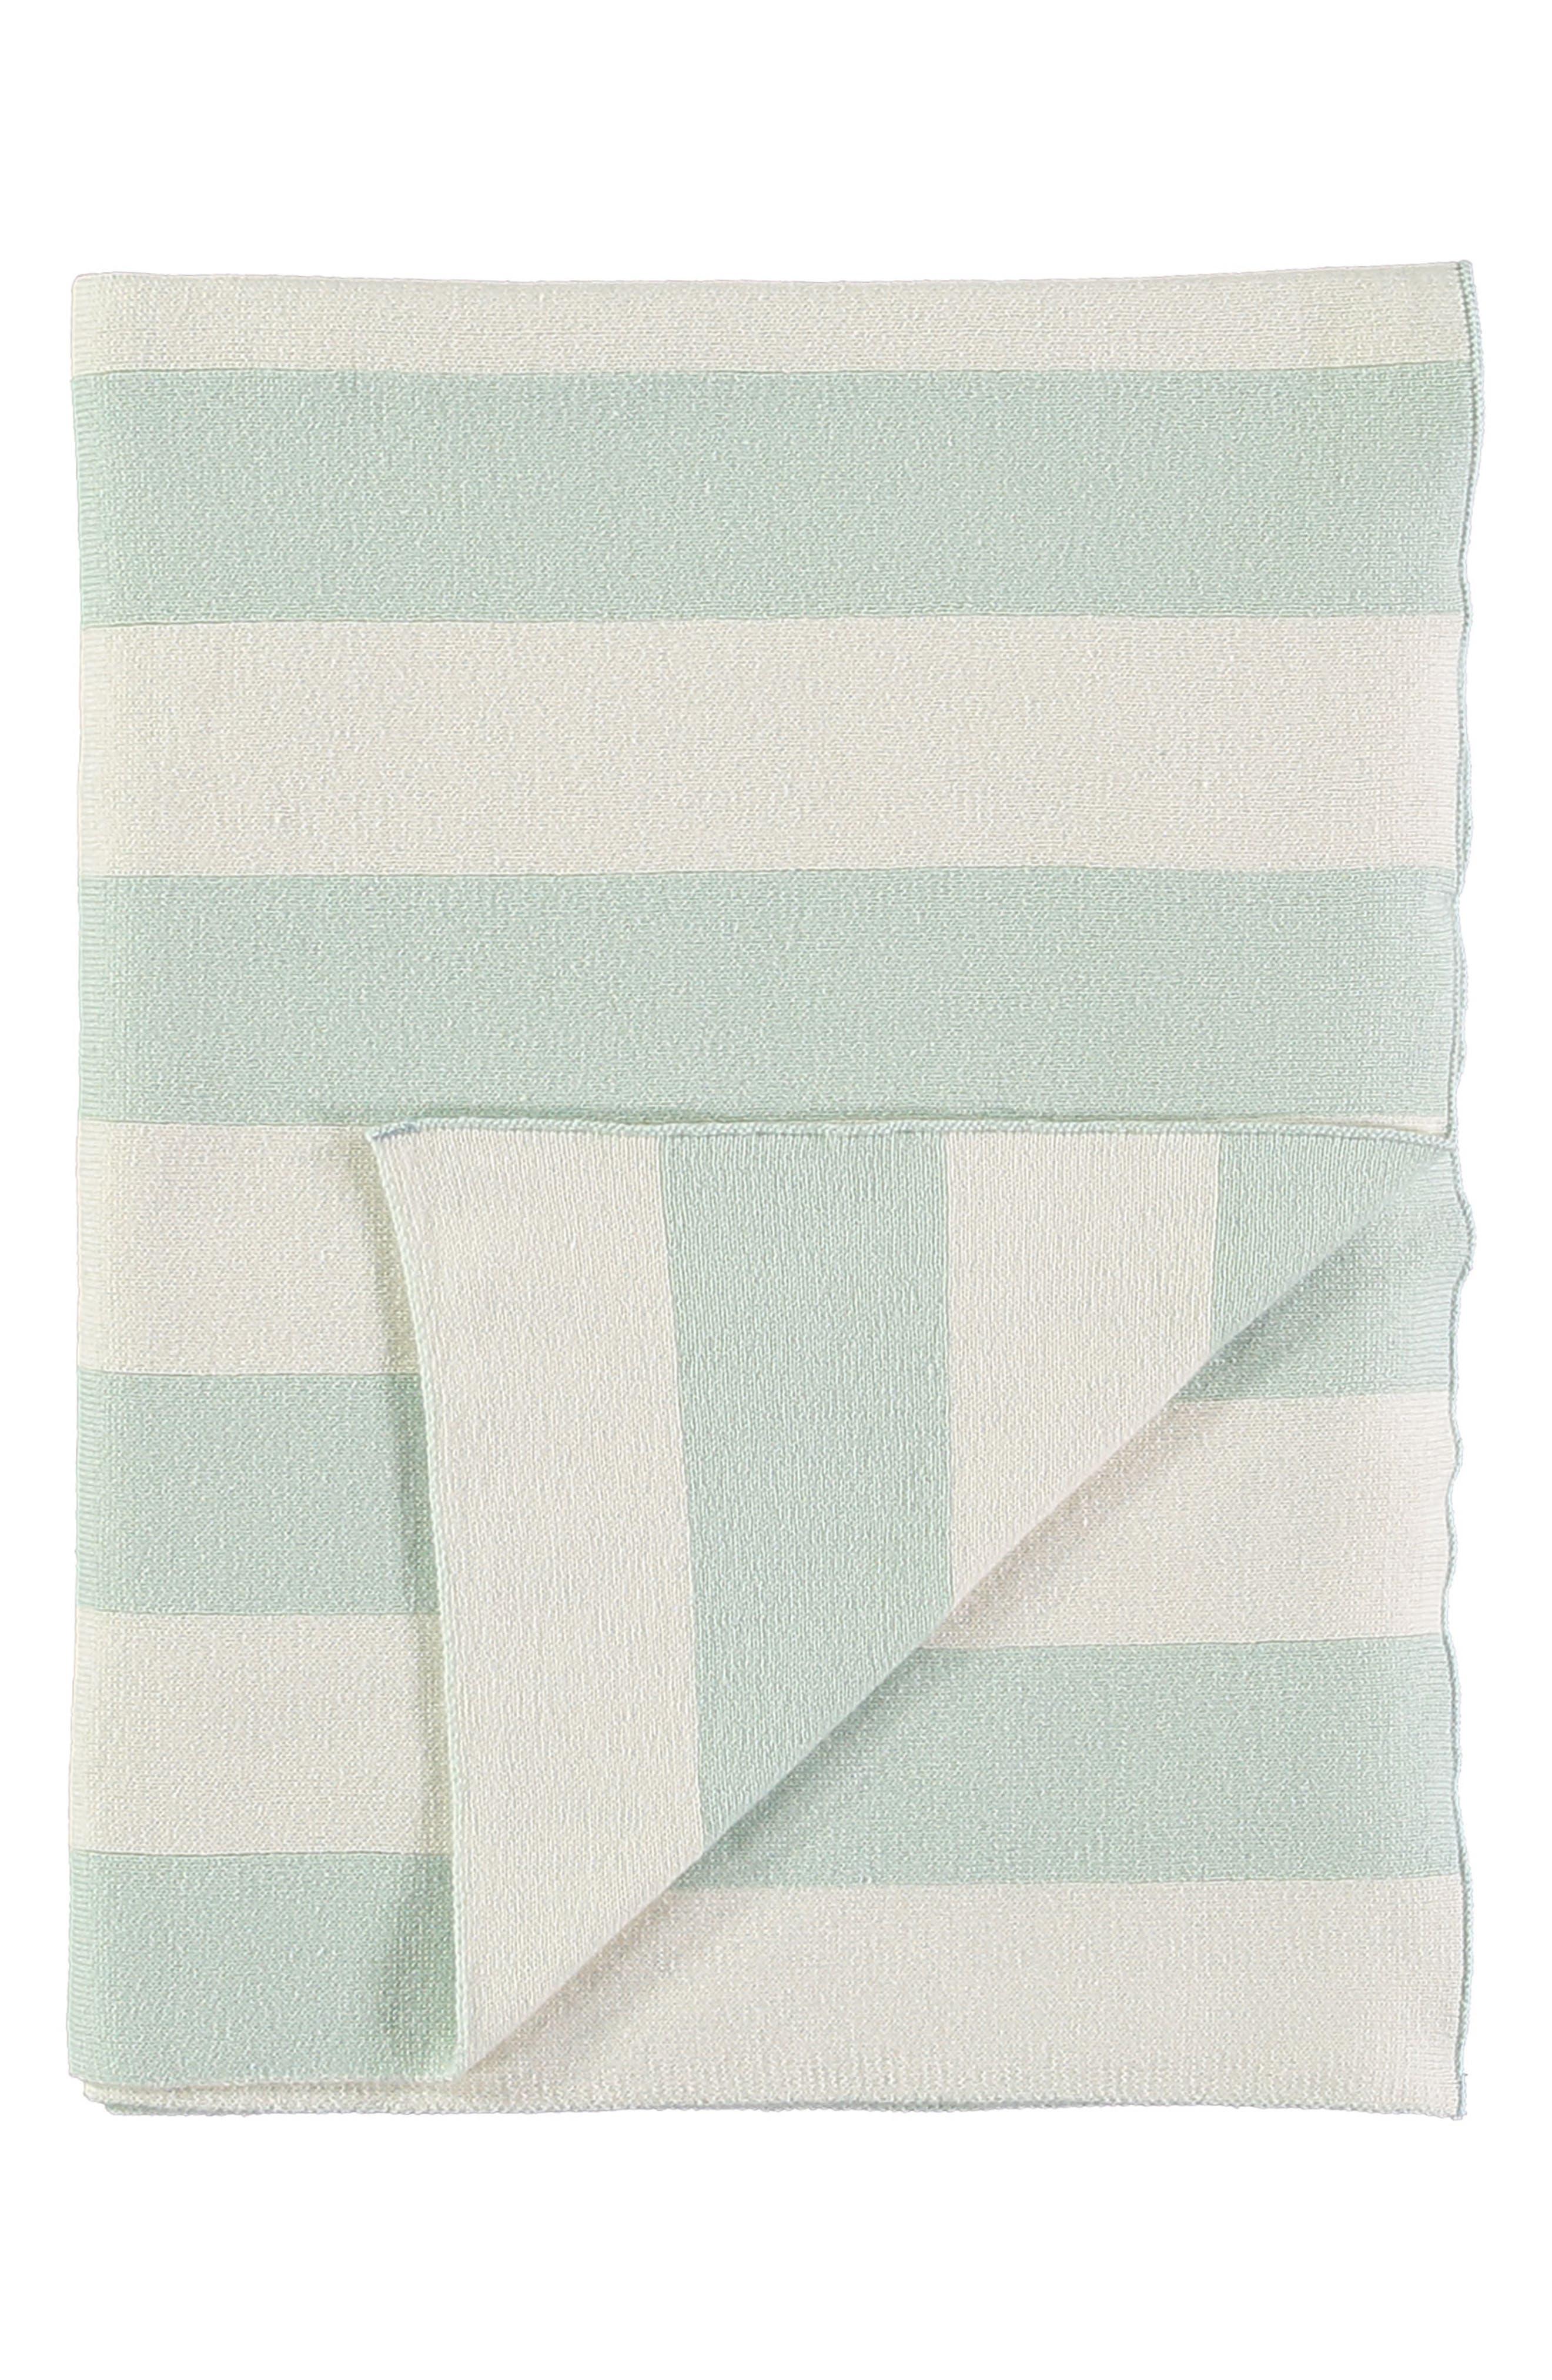 Meri Meri Organic Cotton Knit Blanket